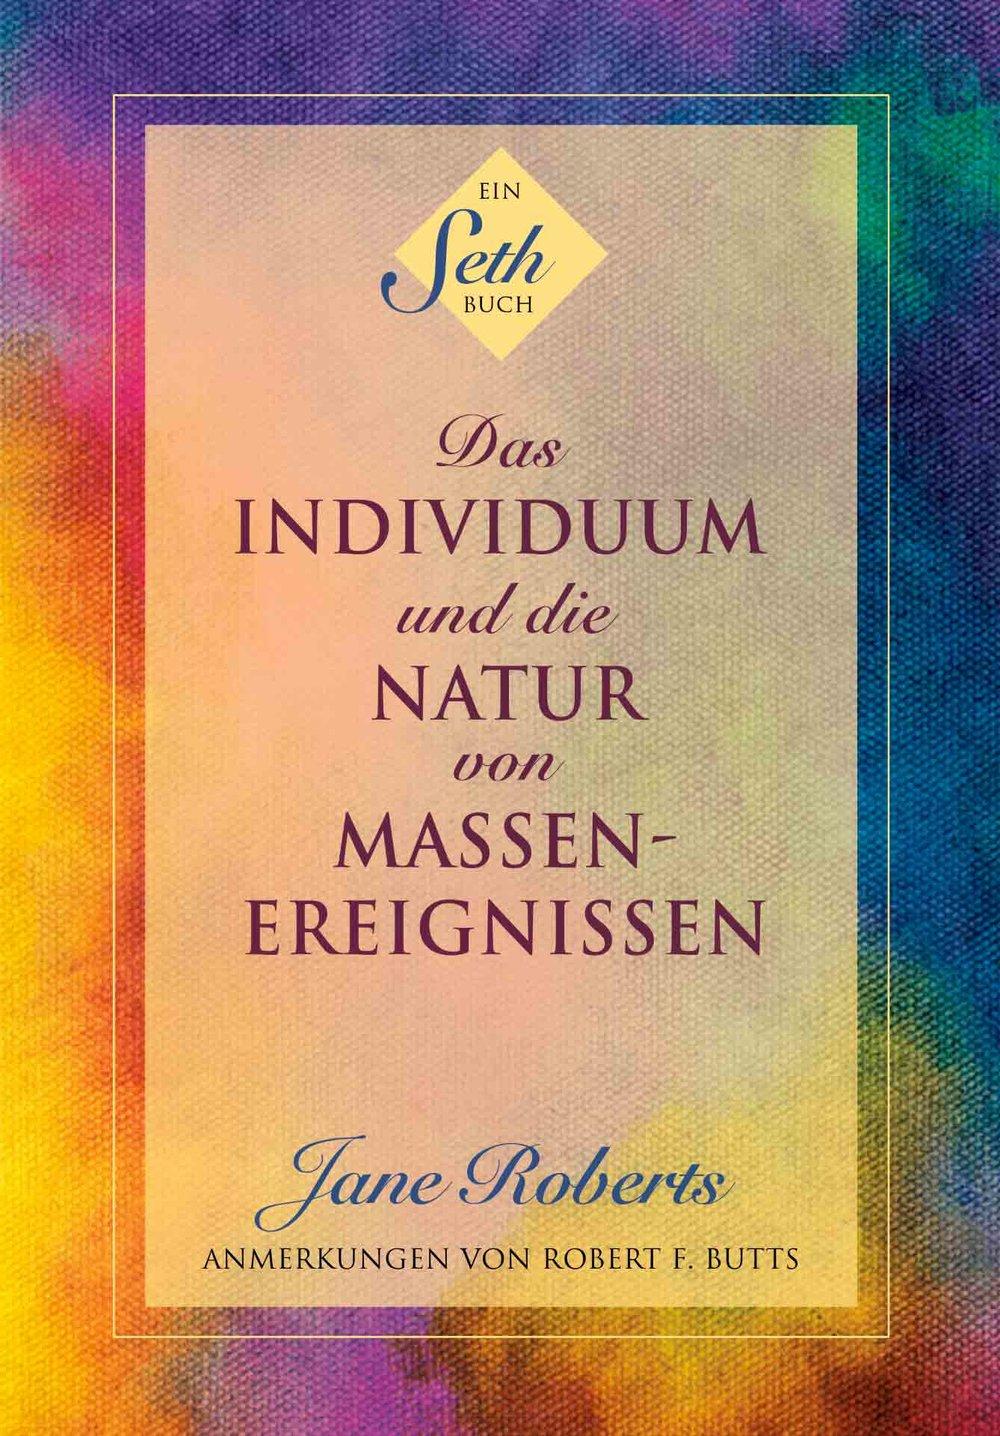 Das Individuum und die Natur von Massenereignissen